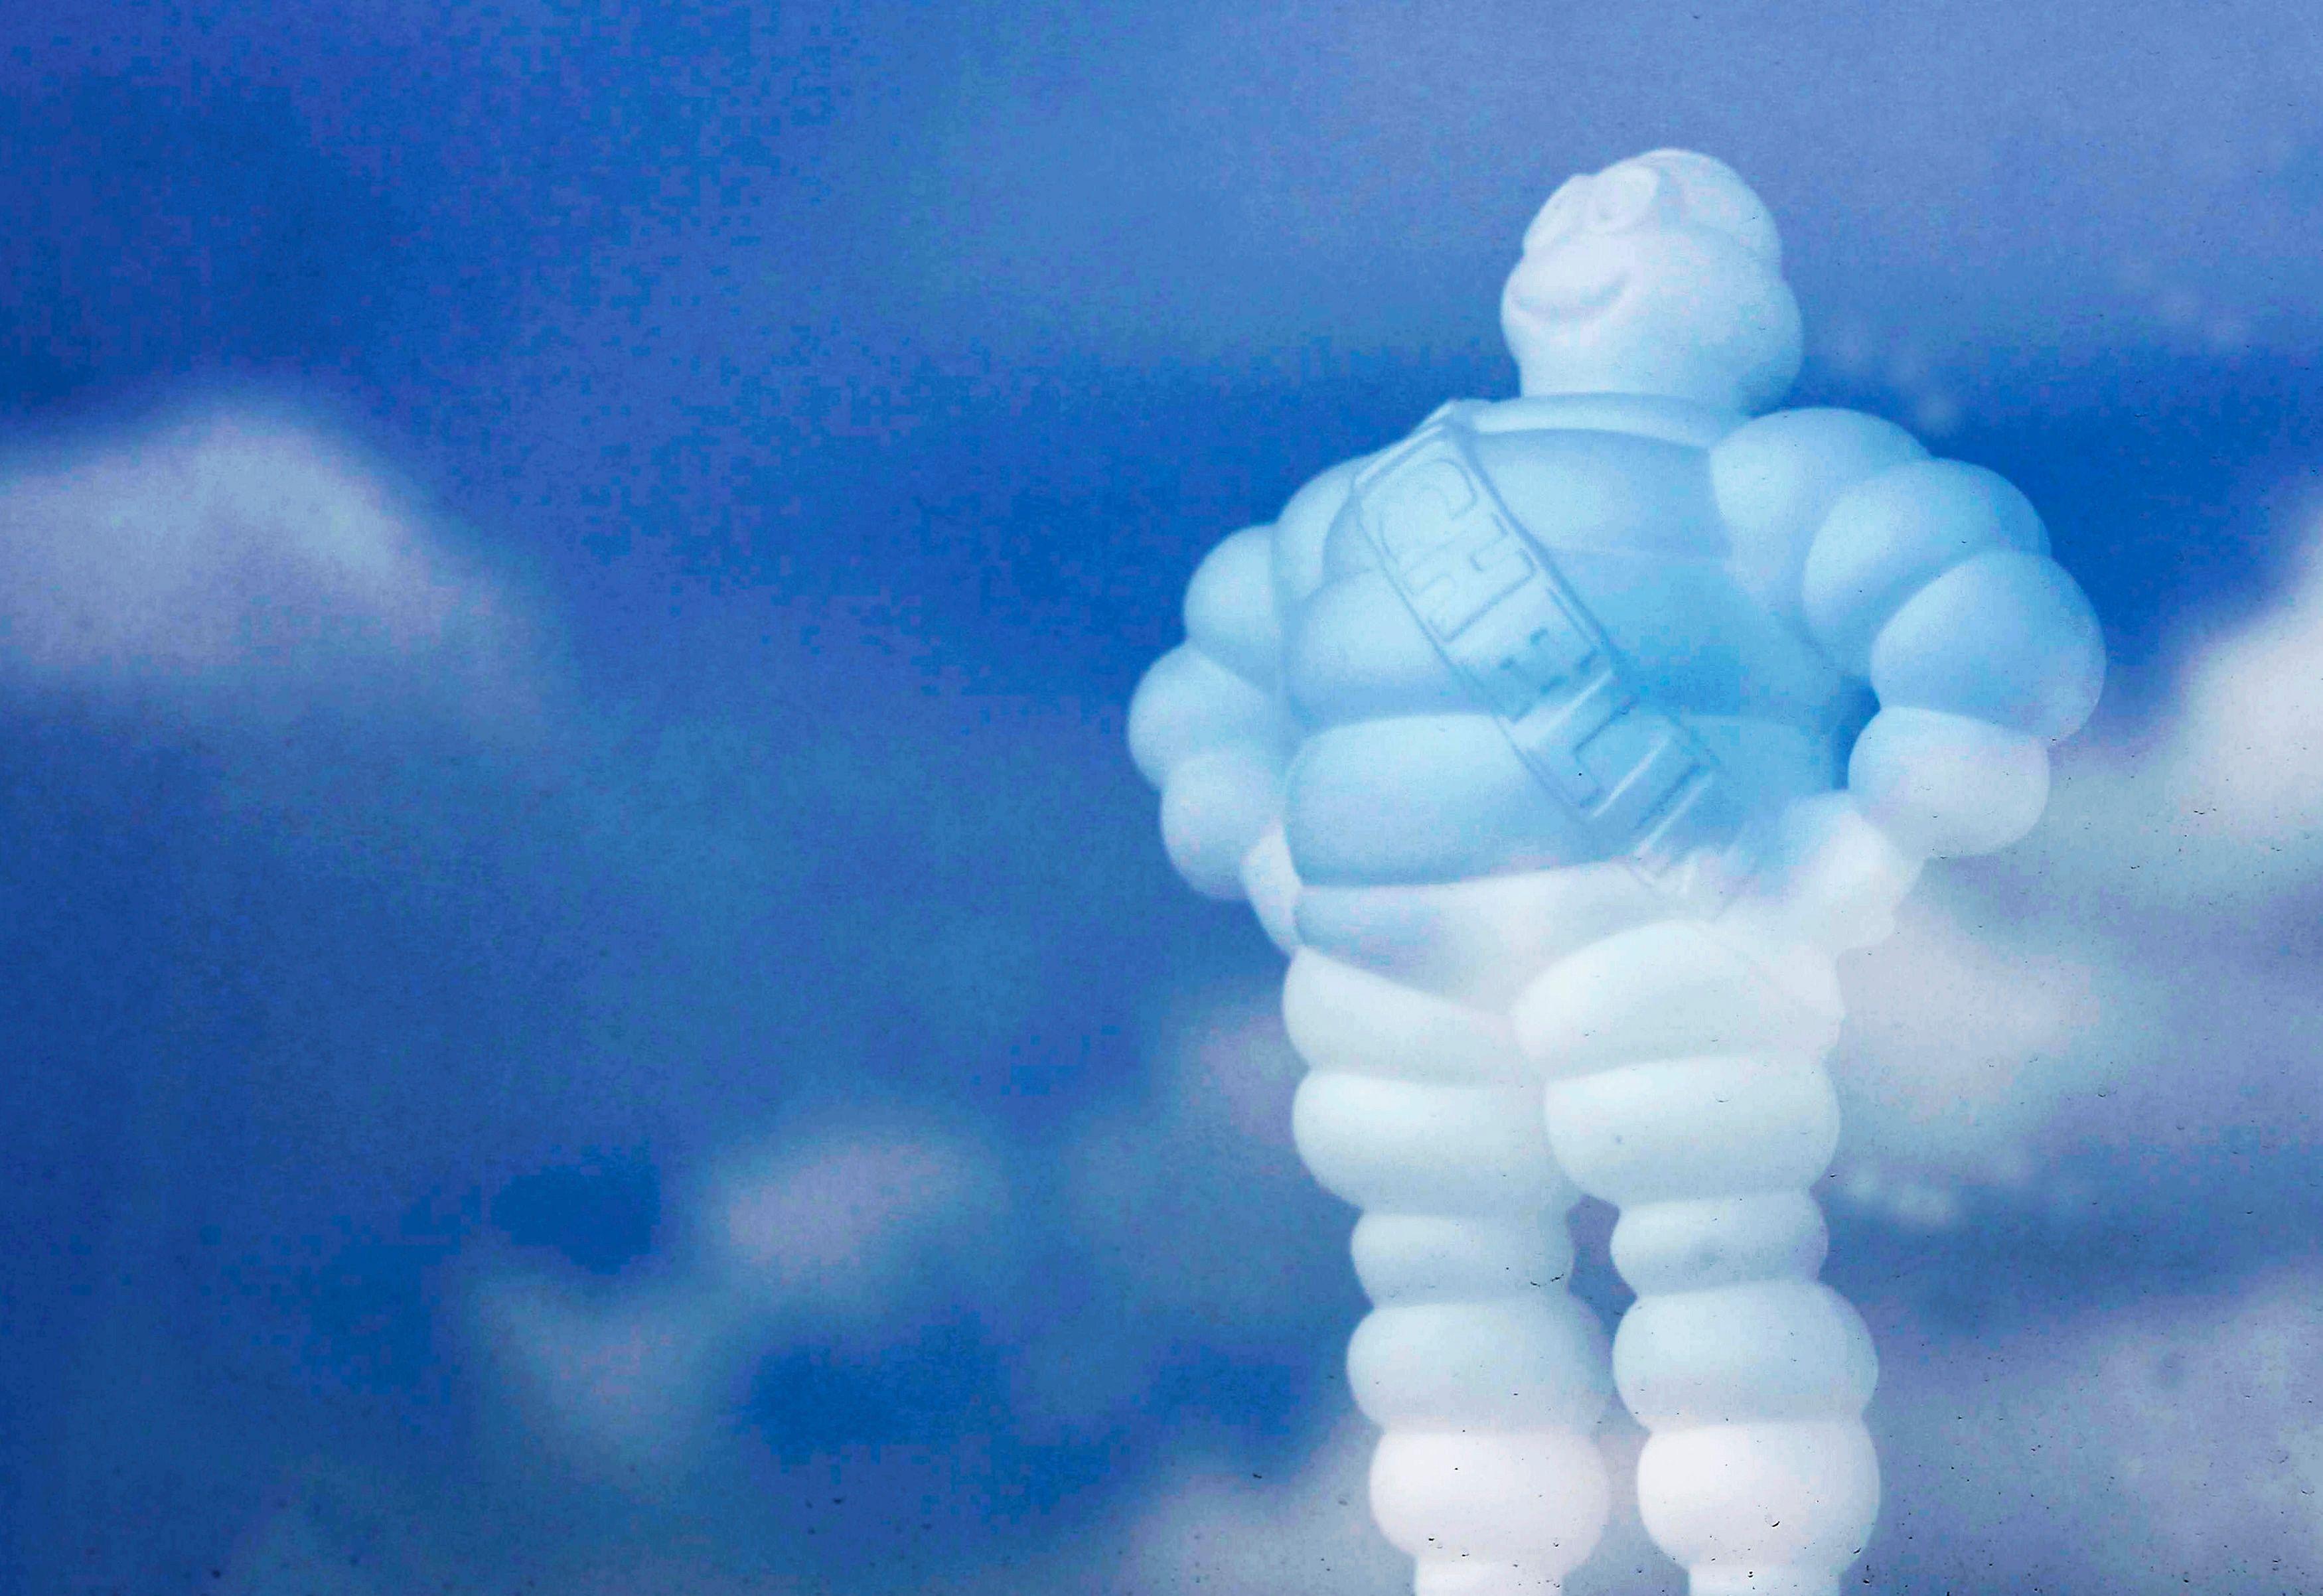 L'entreprise Michelin a été la cible d'une escroquerie